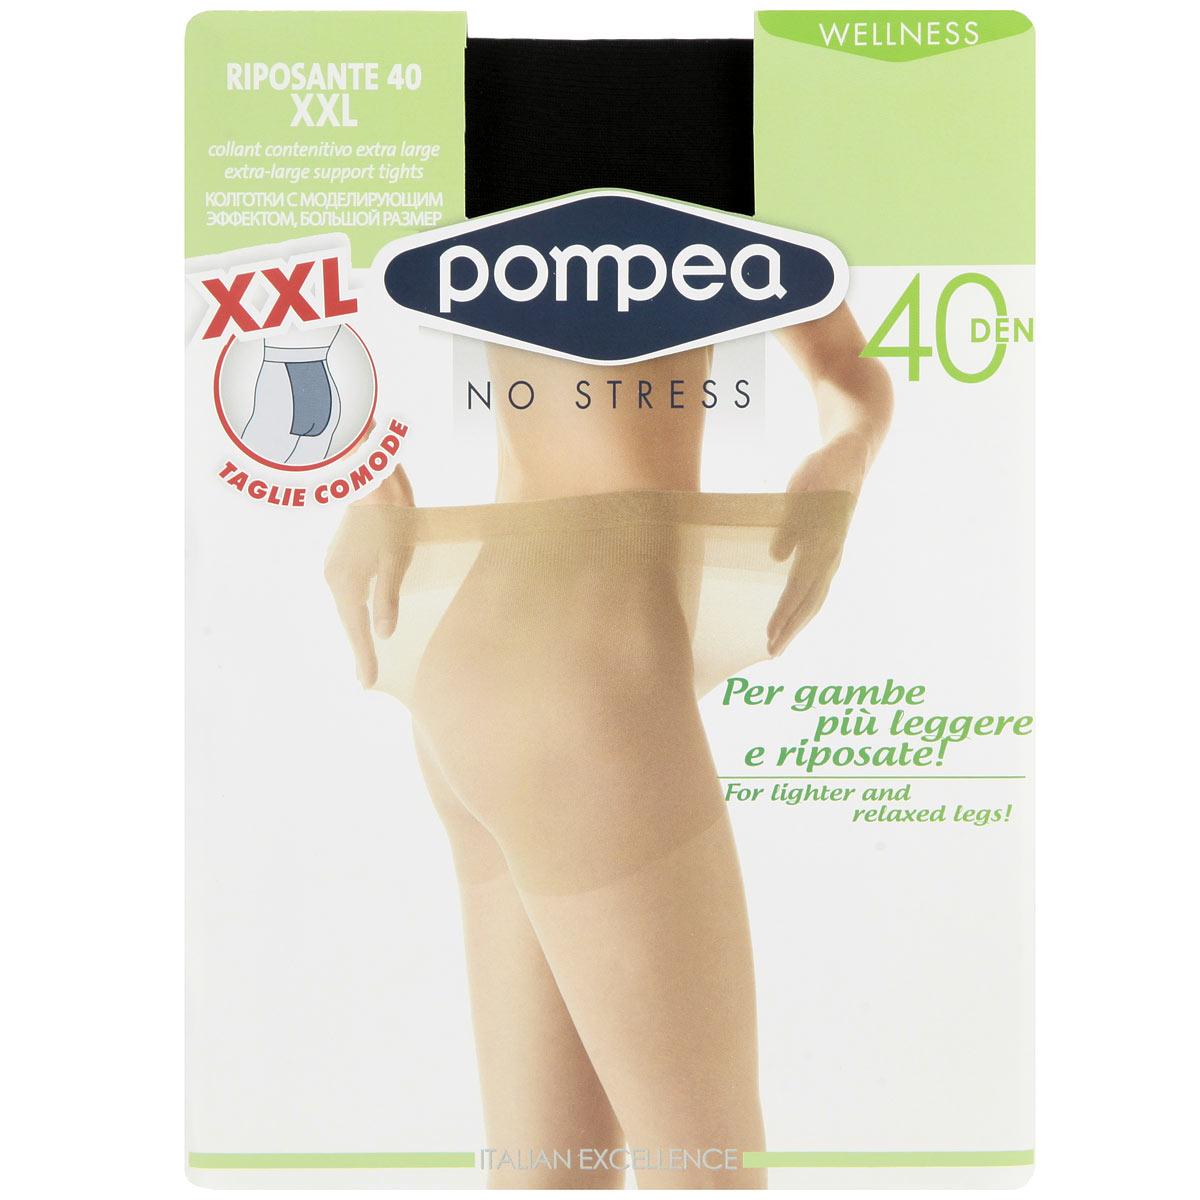 Колготки женские Wellness Riposante 40. 720500720500 MineralМатовые эластичные колготки Pompea Wellness Riposante, однородные по всей длине, с моделирующим эффектом и распределенным по ноге давлением, ластовицей, мягким поясом и укрепленным мыском. Плотность: 40 den.